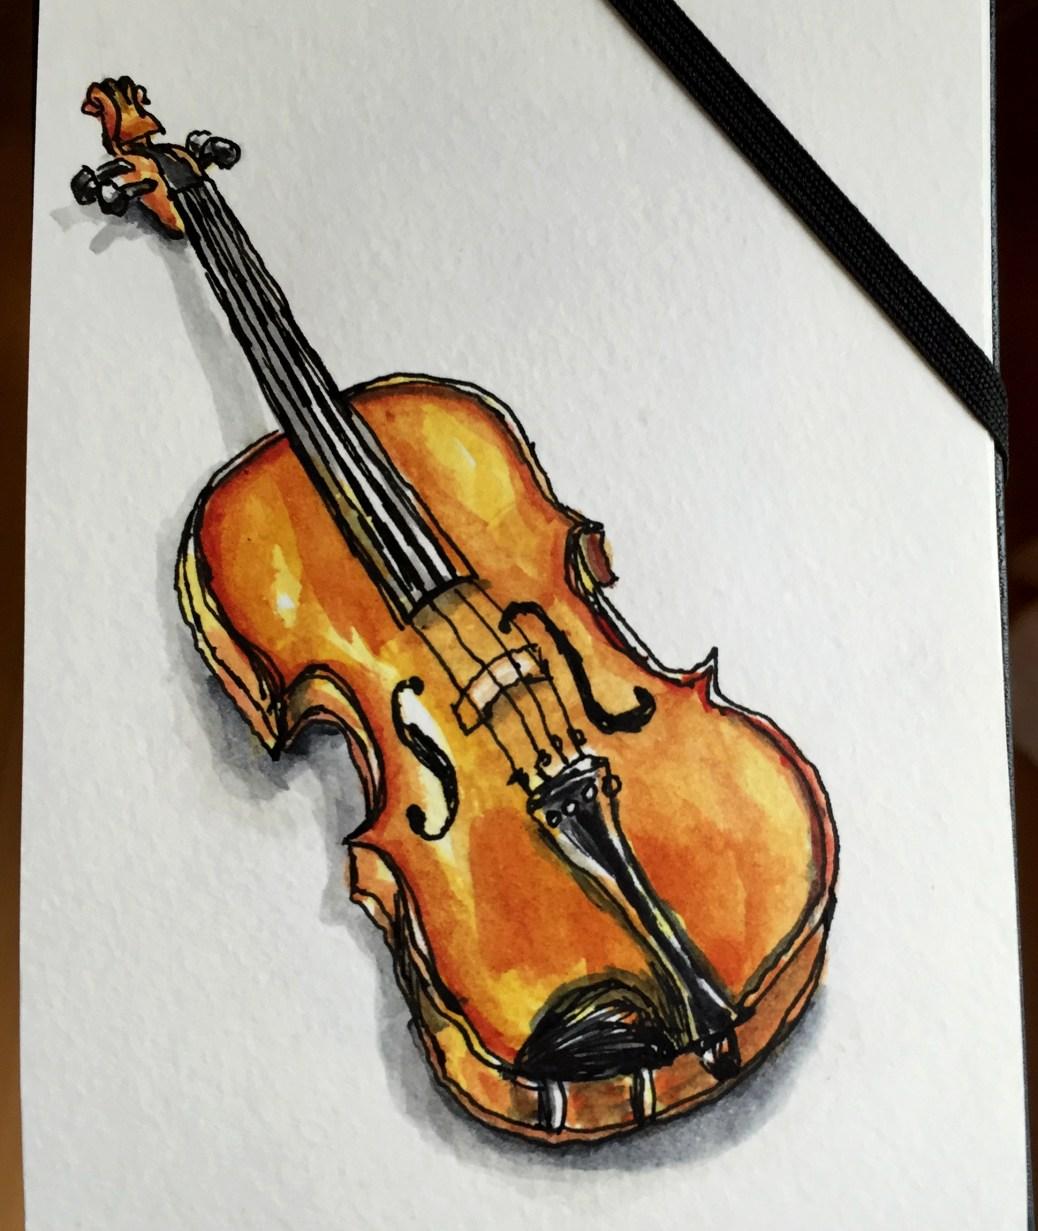 Violin by Charlie O'Shields